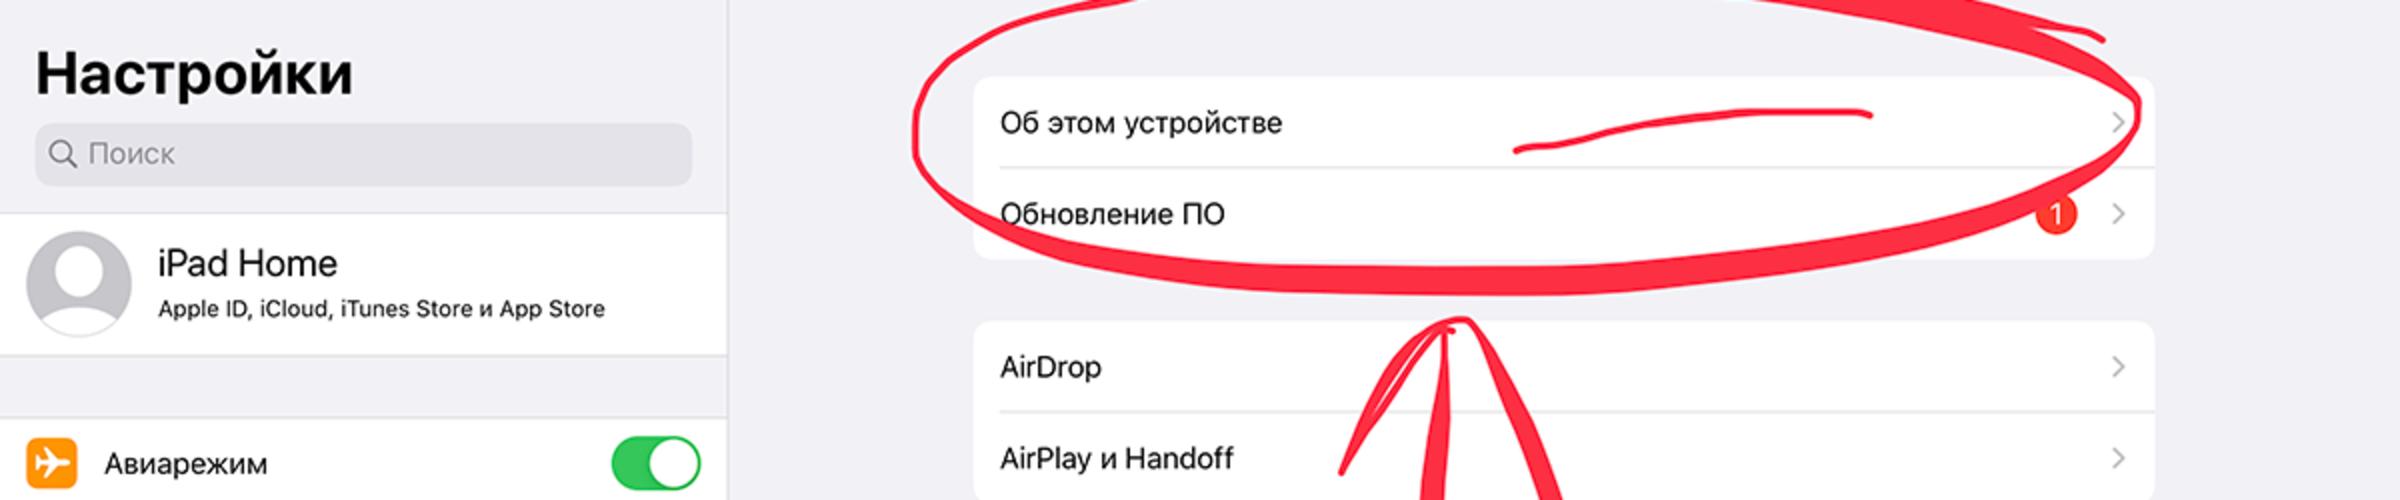 Как узнать версию iOS на iPhone или iPad?